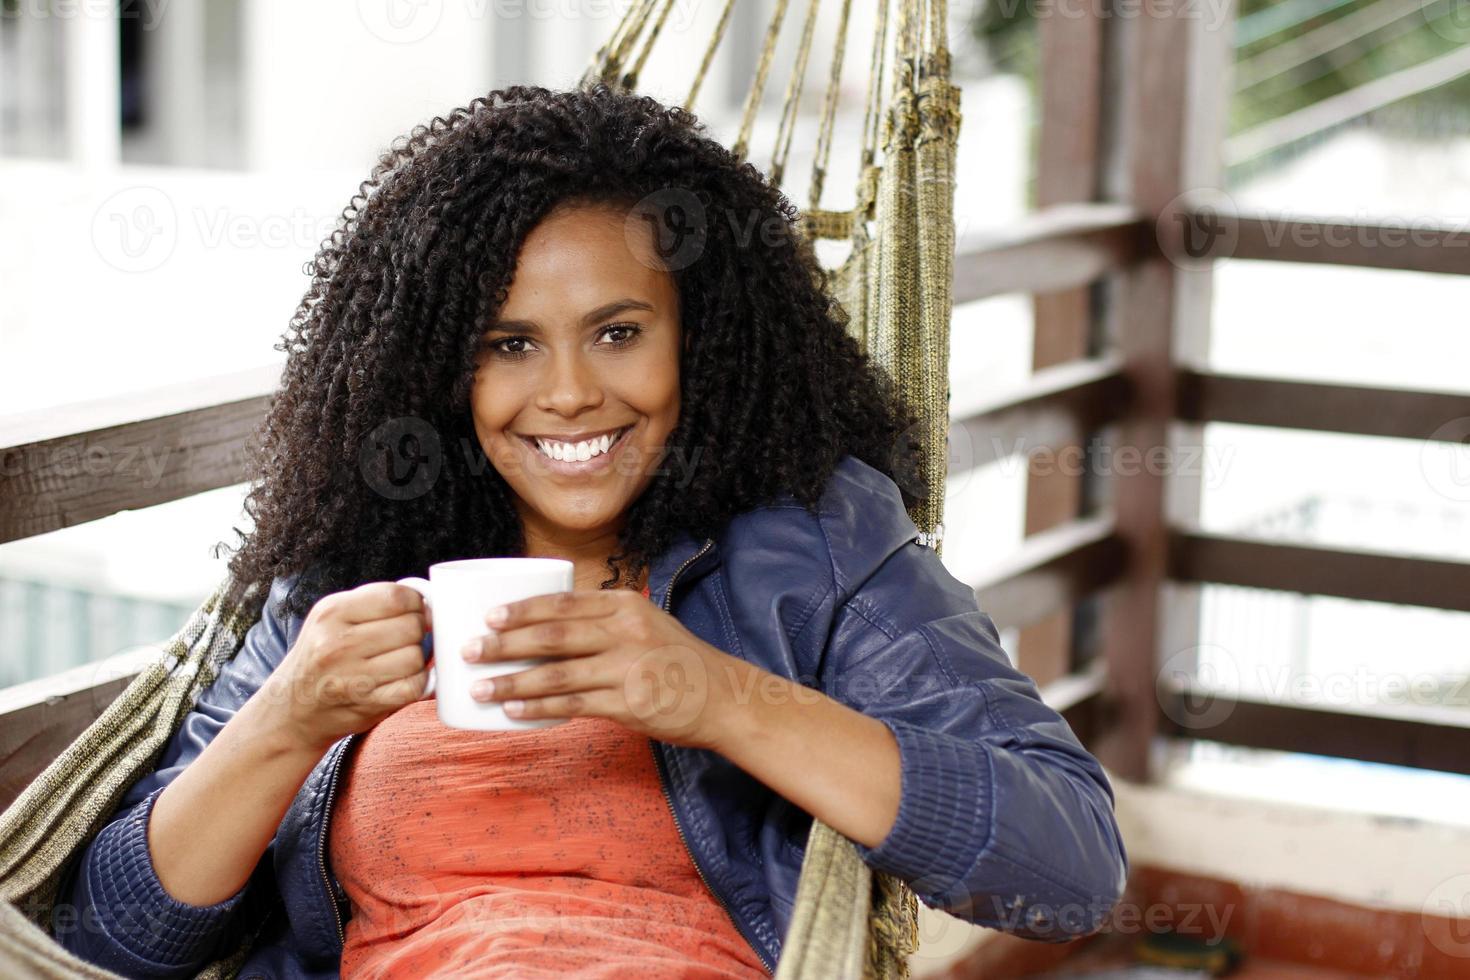 femme brune boit du café photo